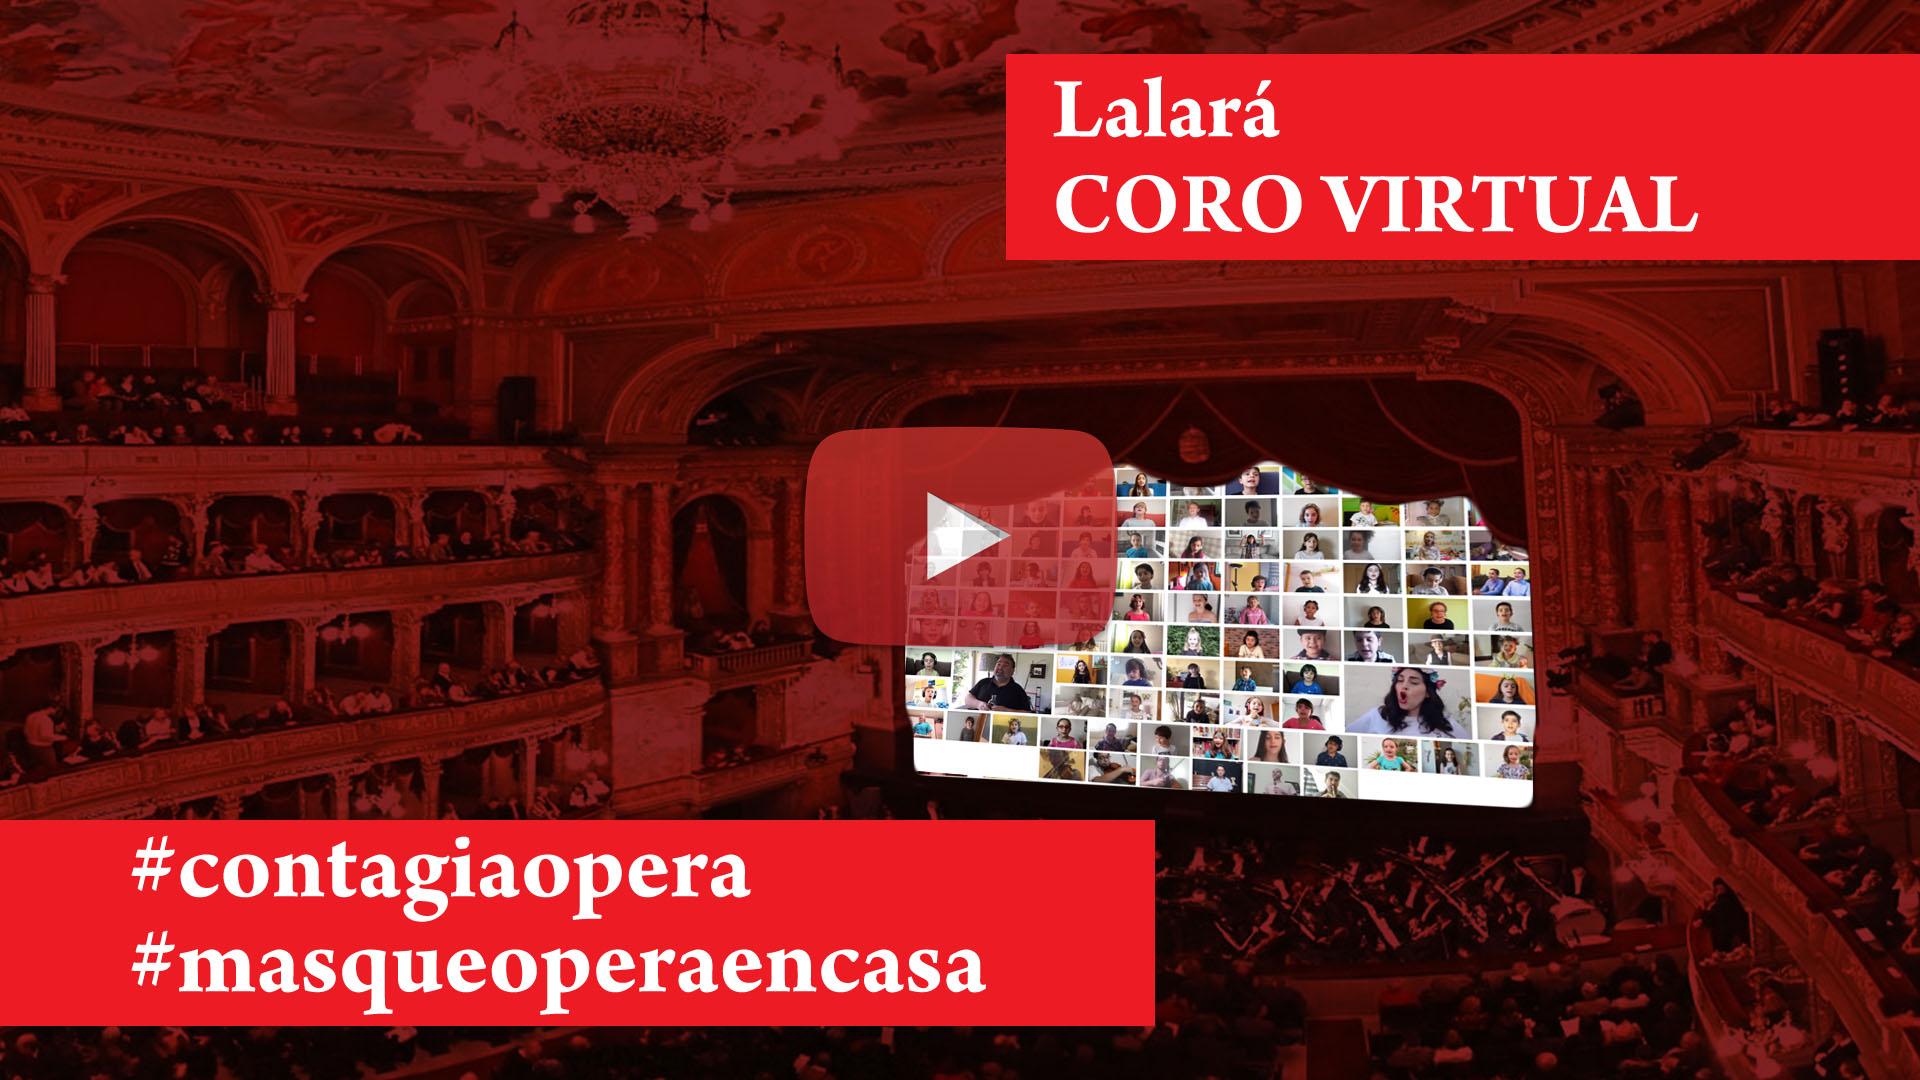 Coro virtual Lalará (Elixir de amor)